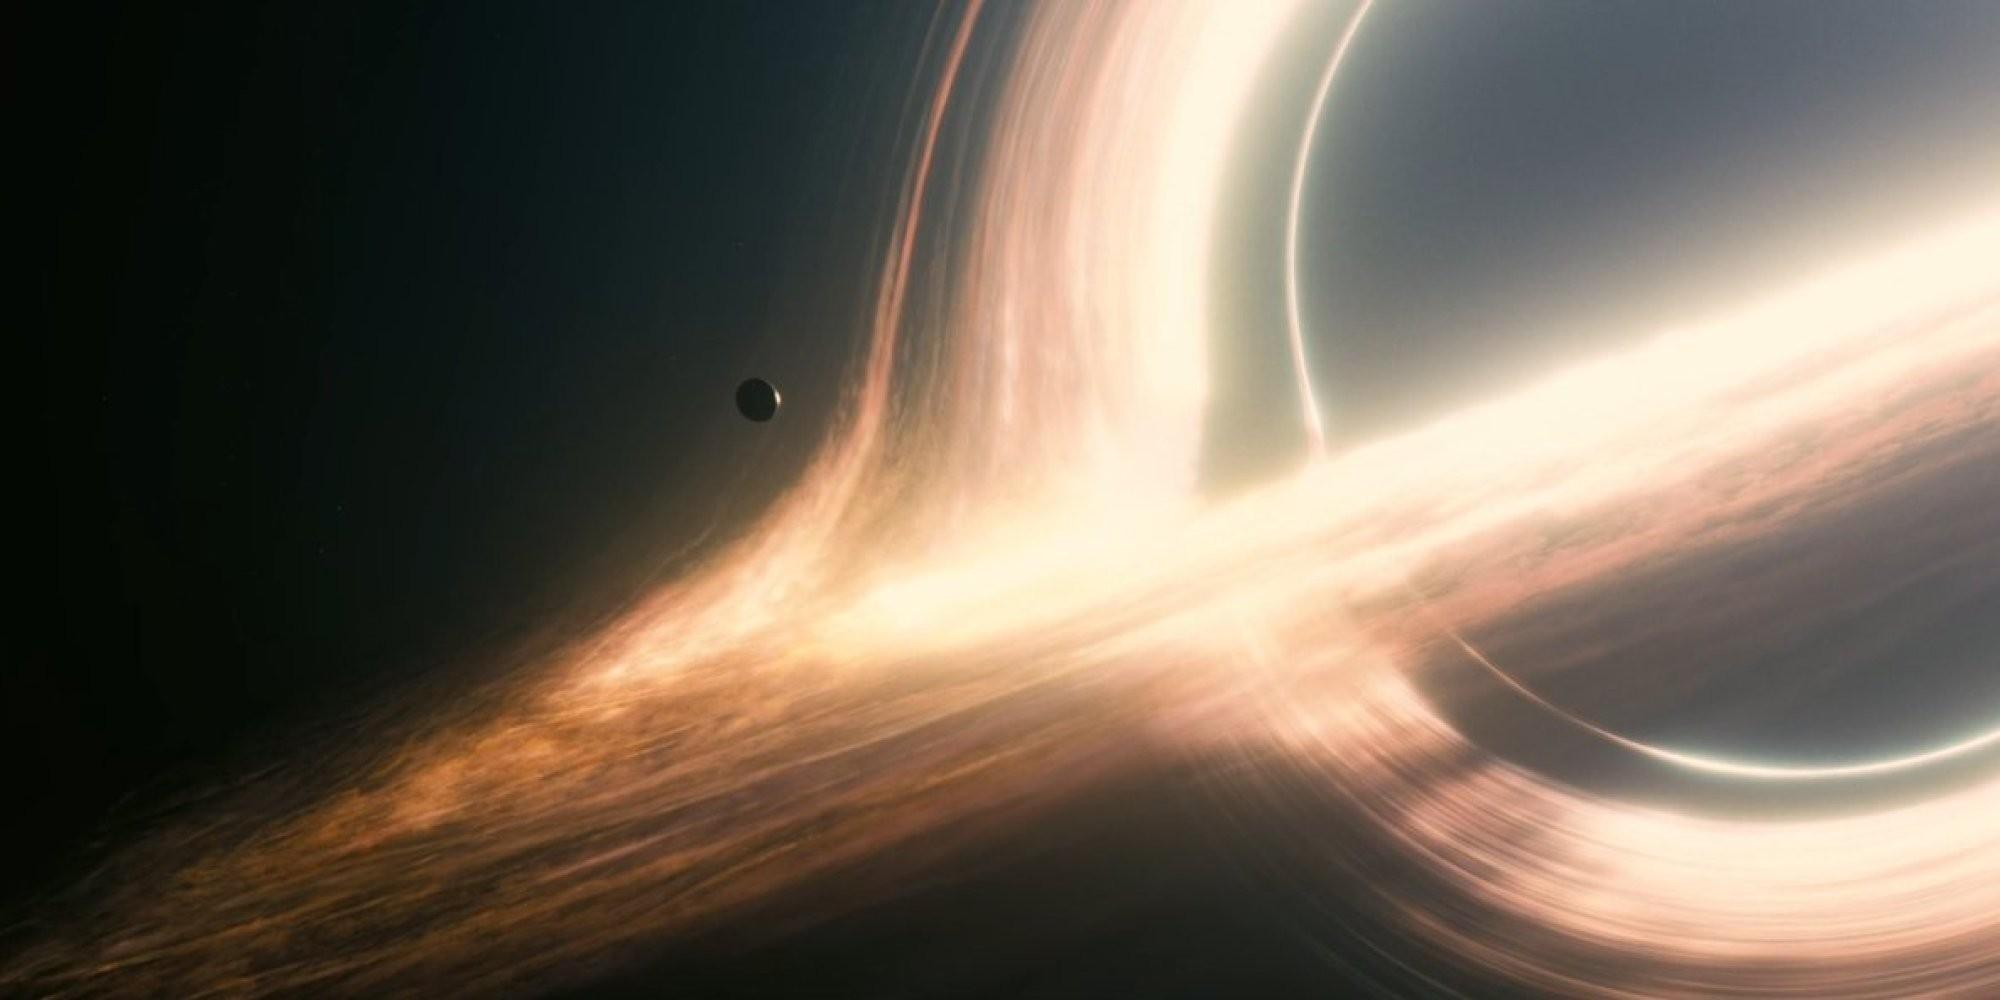 Buracos negros ganham perspectiva visual impressionante (Foto: Reprodução)